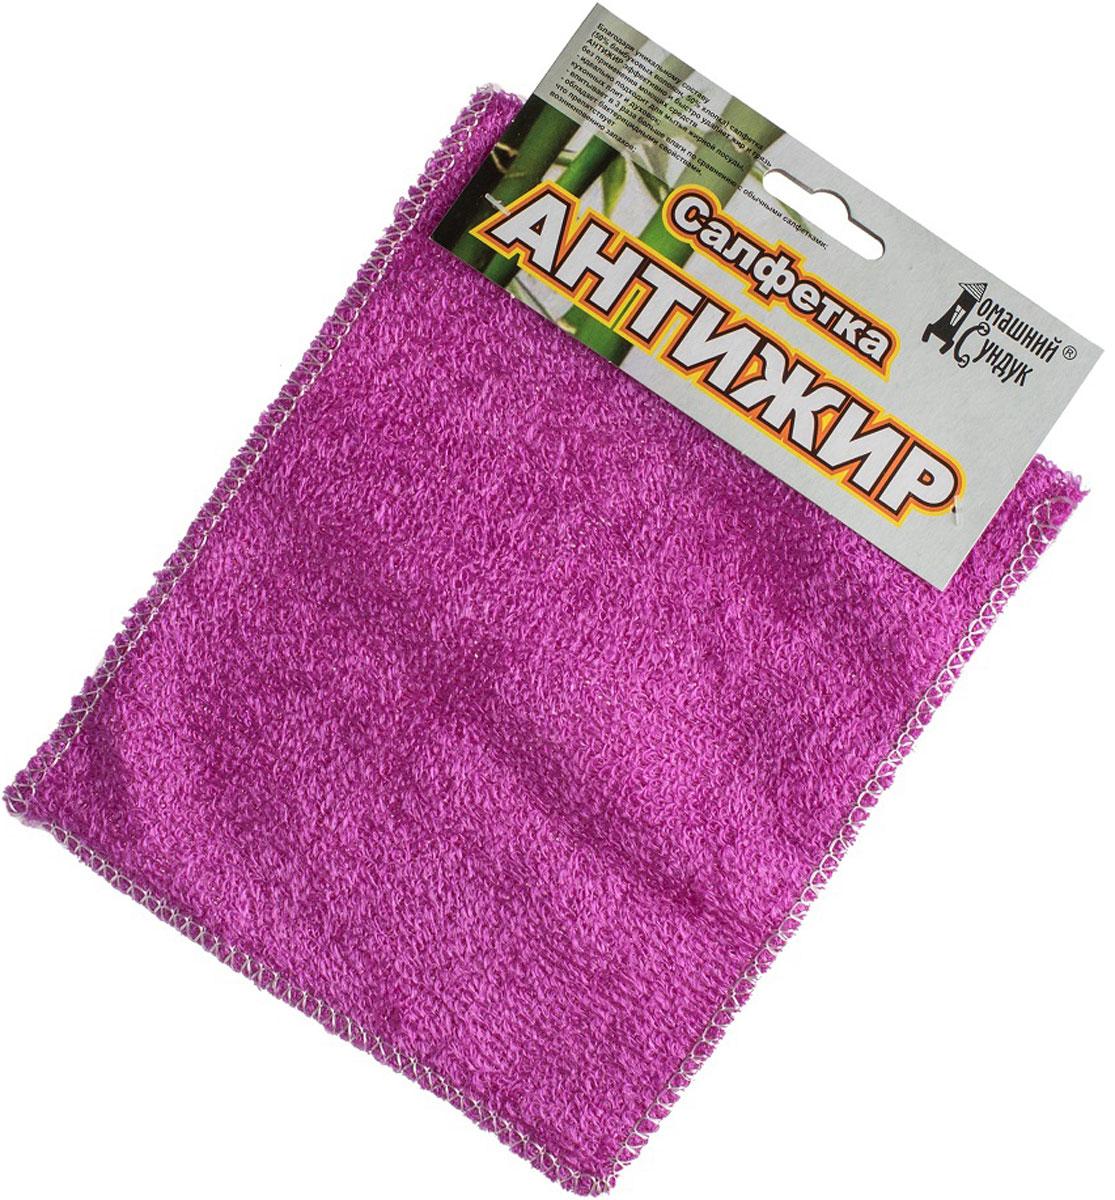 Салфетка для уборки Домашний Сундук Антижир, цвет в ассортименте, 16,5 х 20,5 см средство для кухни домашний сундук антижир спрей для гриля и барбекю 0 5 л